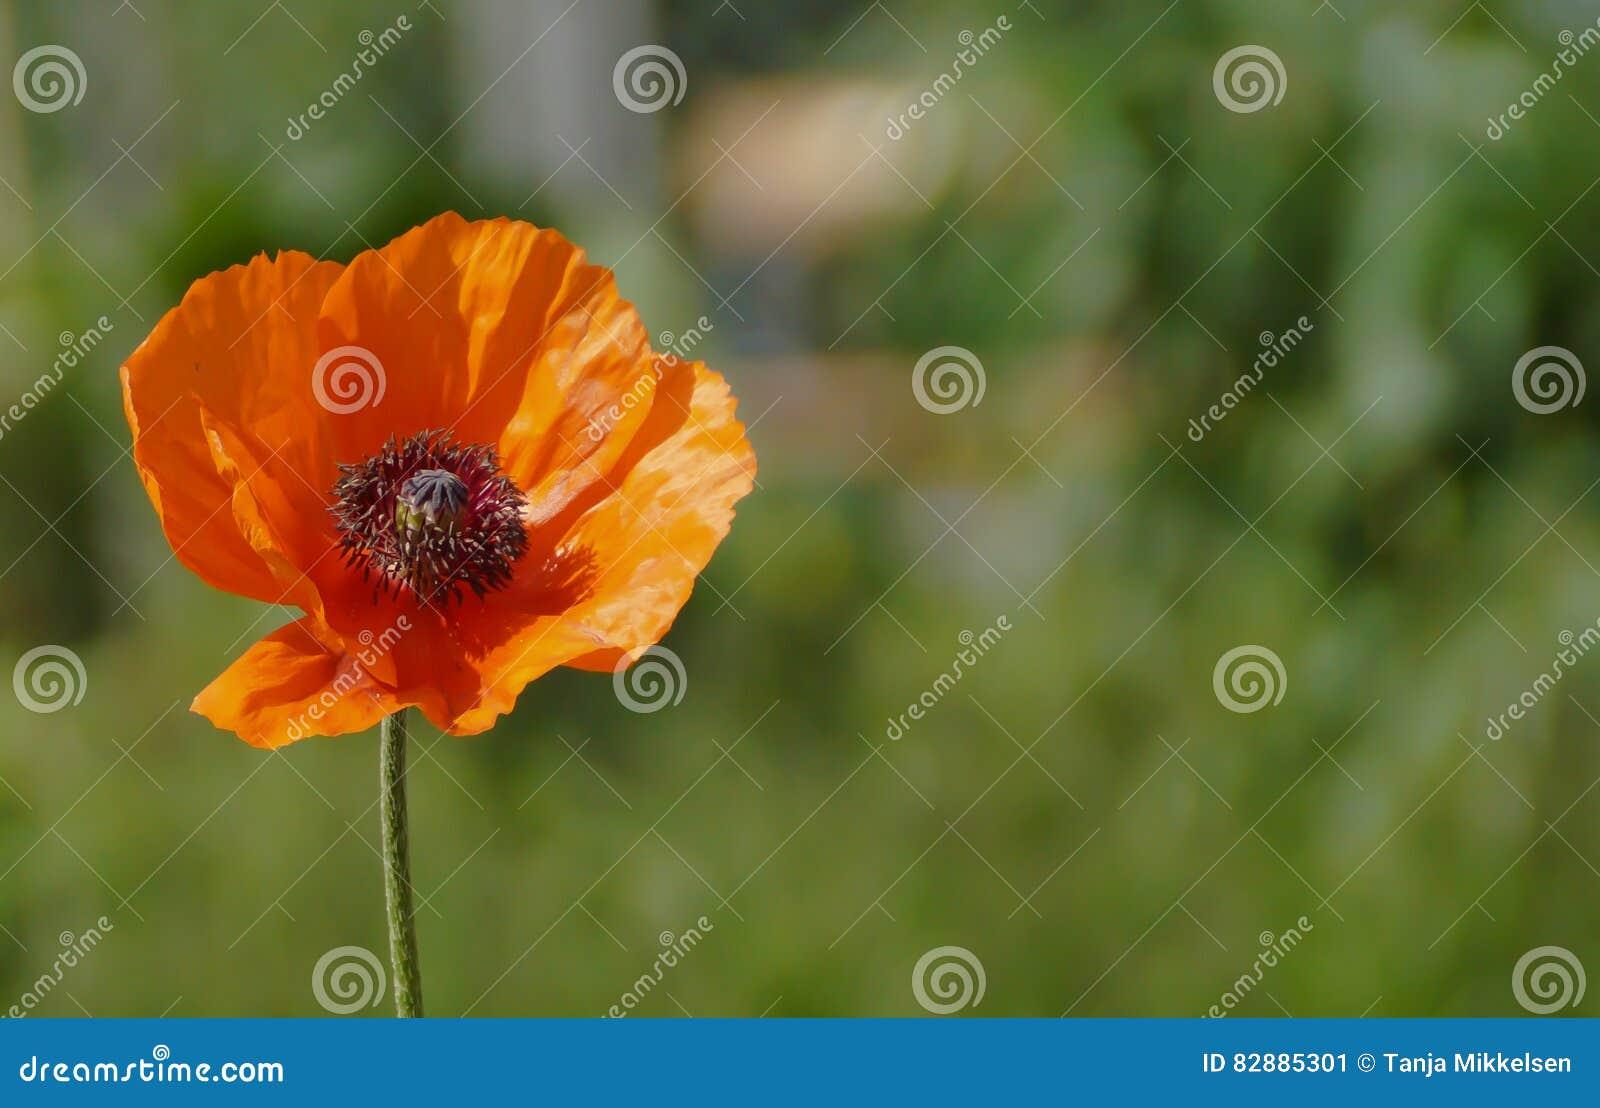 Fiore del papavero